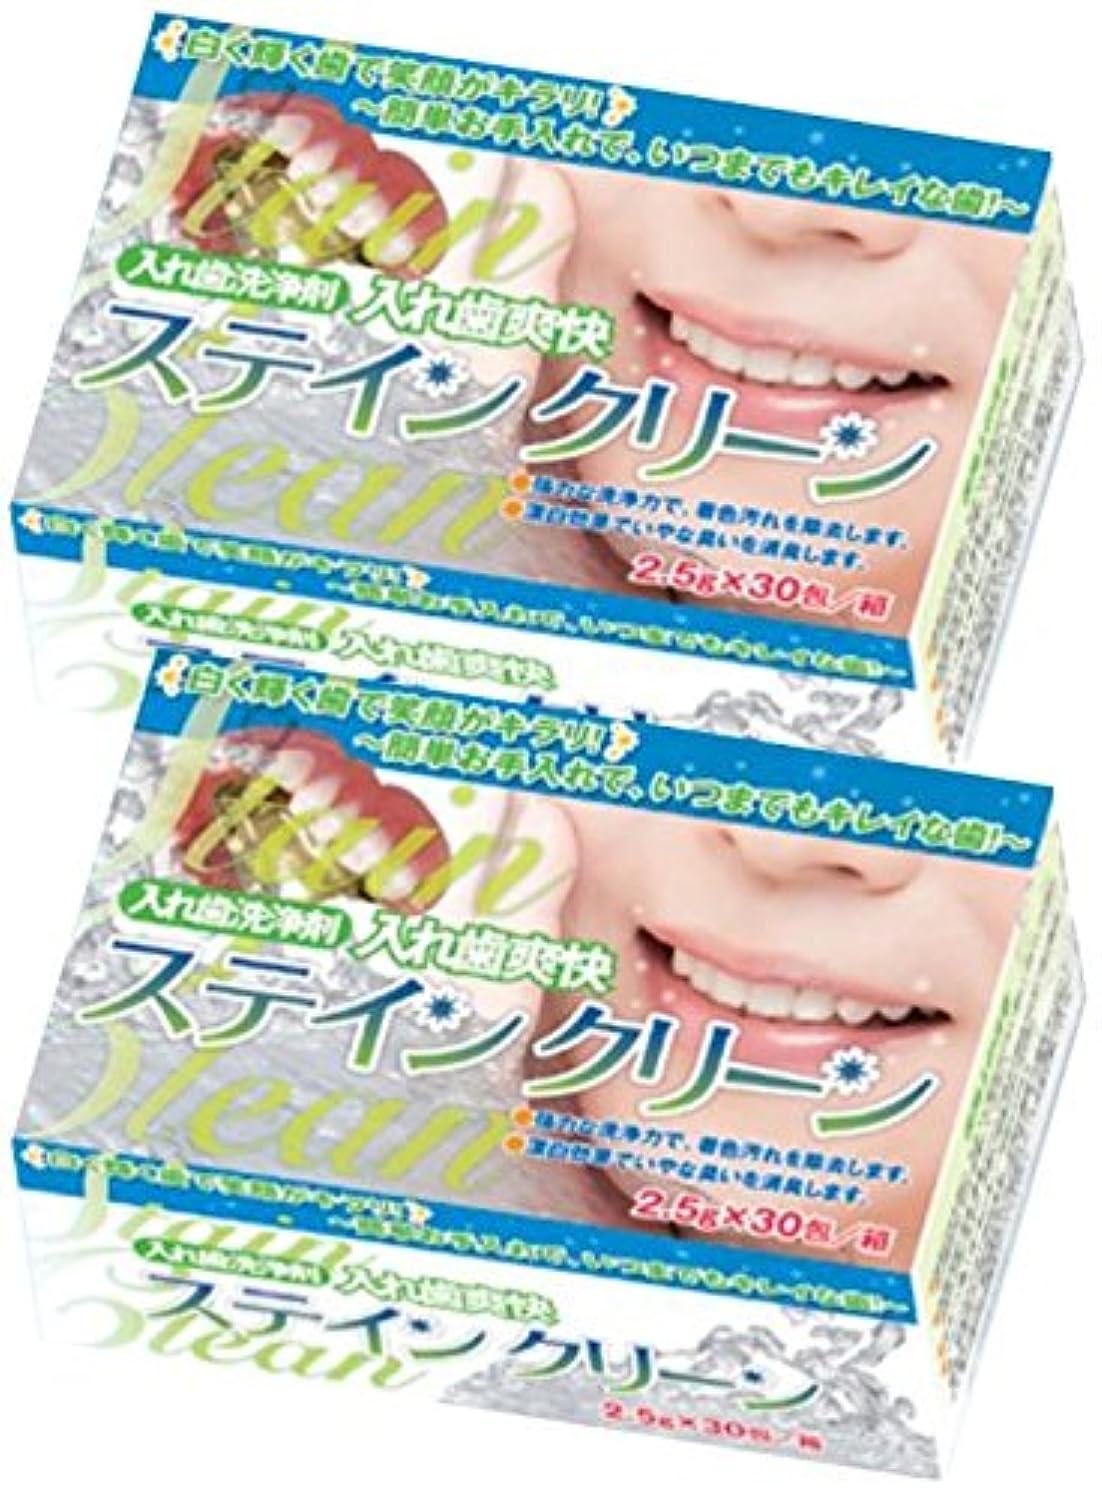 威する頭痛トリップ入れ歯爽快 ステインクリーン 1箱(2.5g × 30包入り) 歯科医院専売品 (2箱)